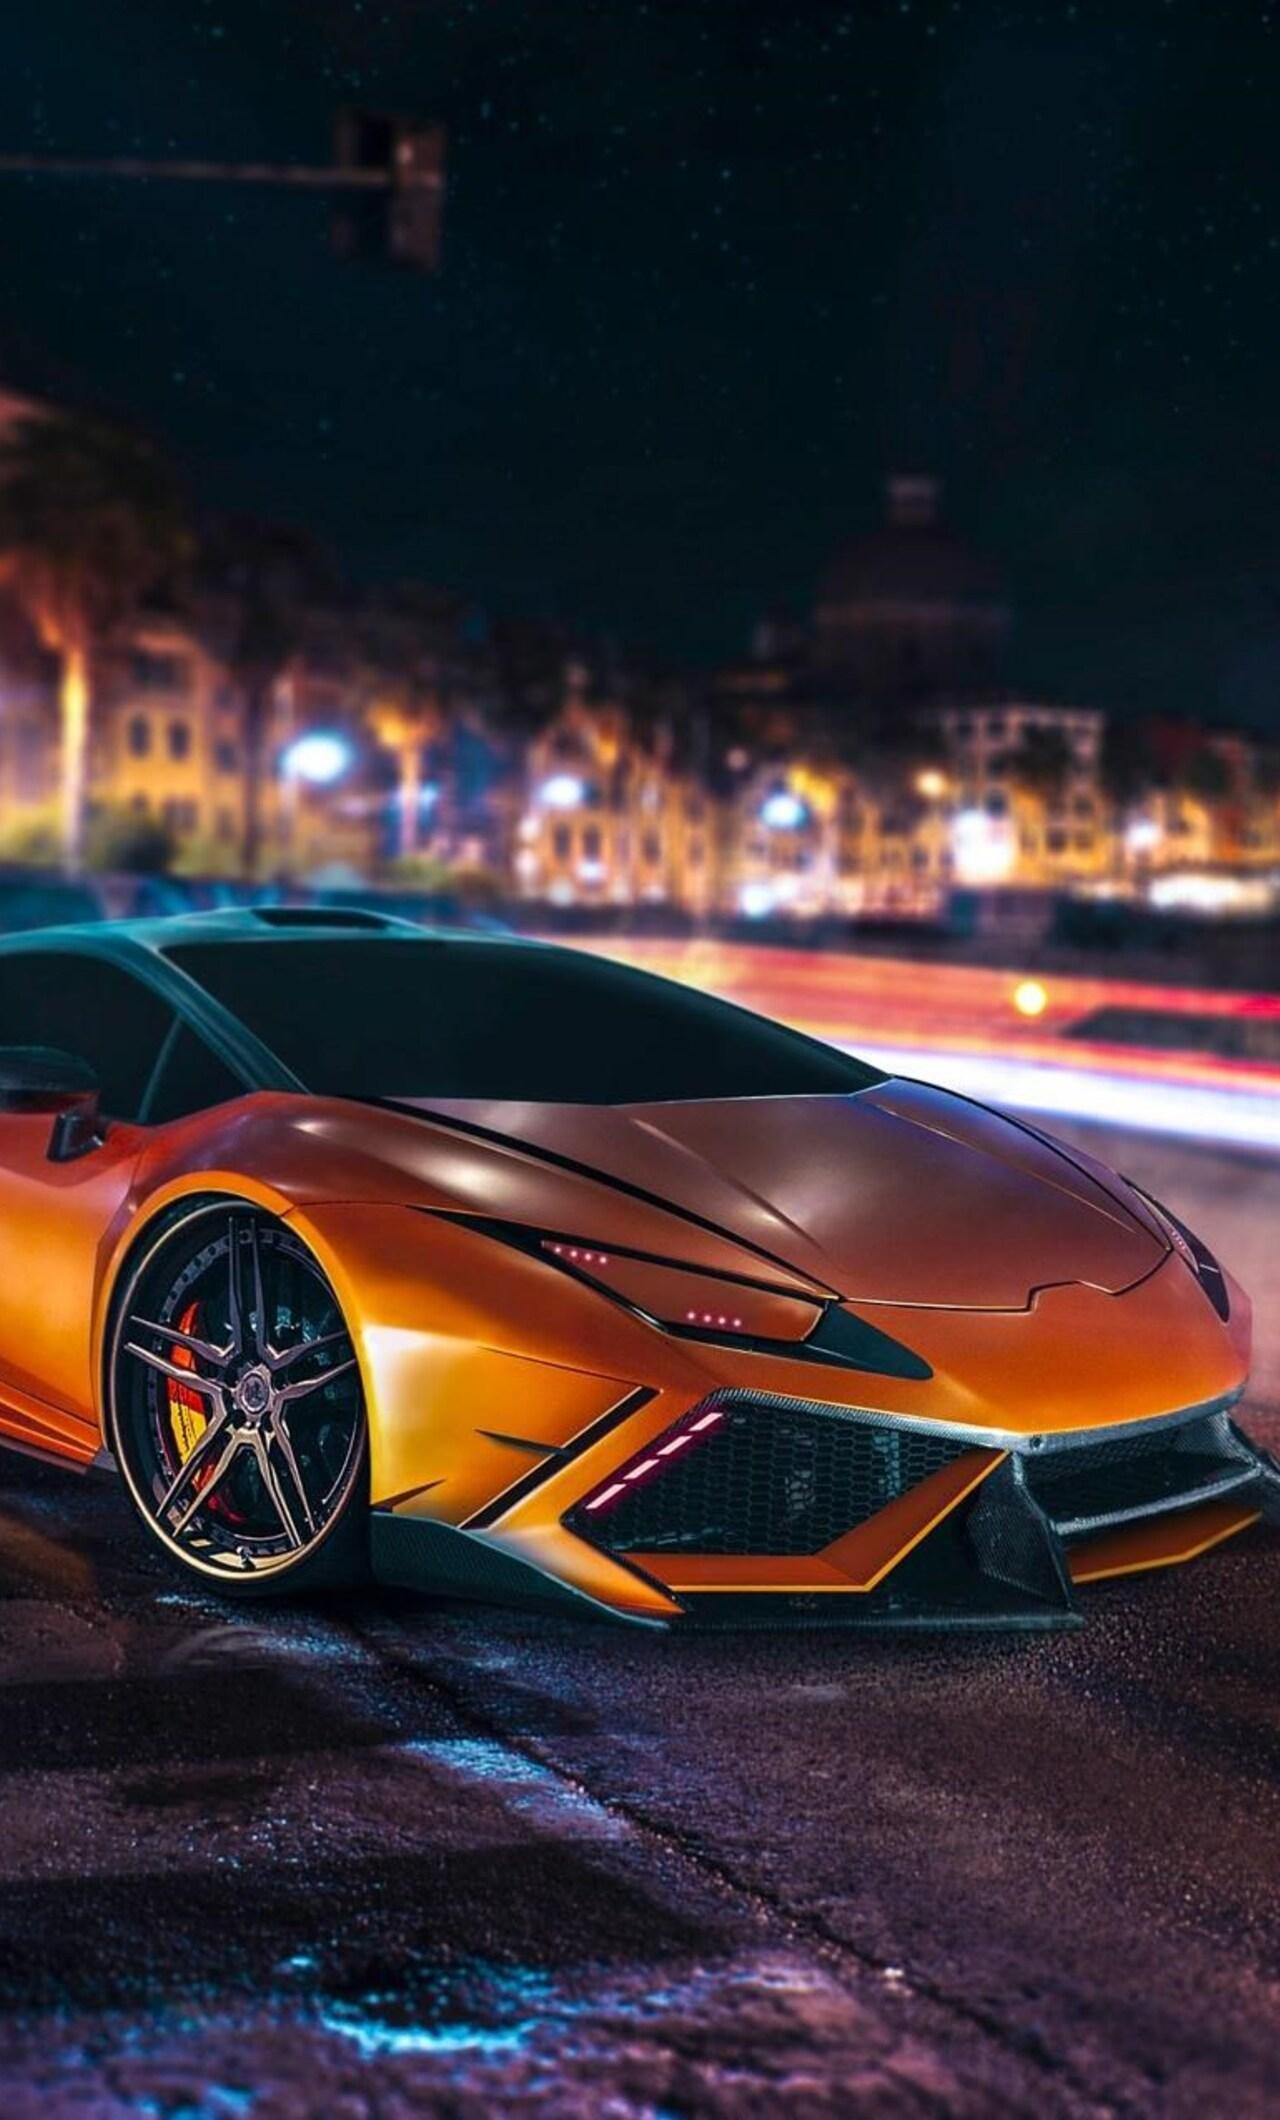 1280x2120 Lamborghini Huracan Full HD iPhone 6+ HD 4k ...